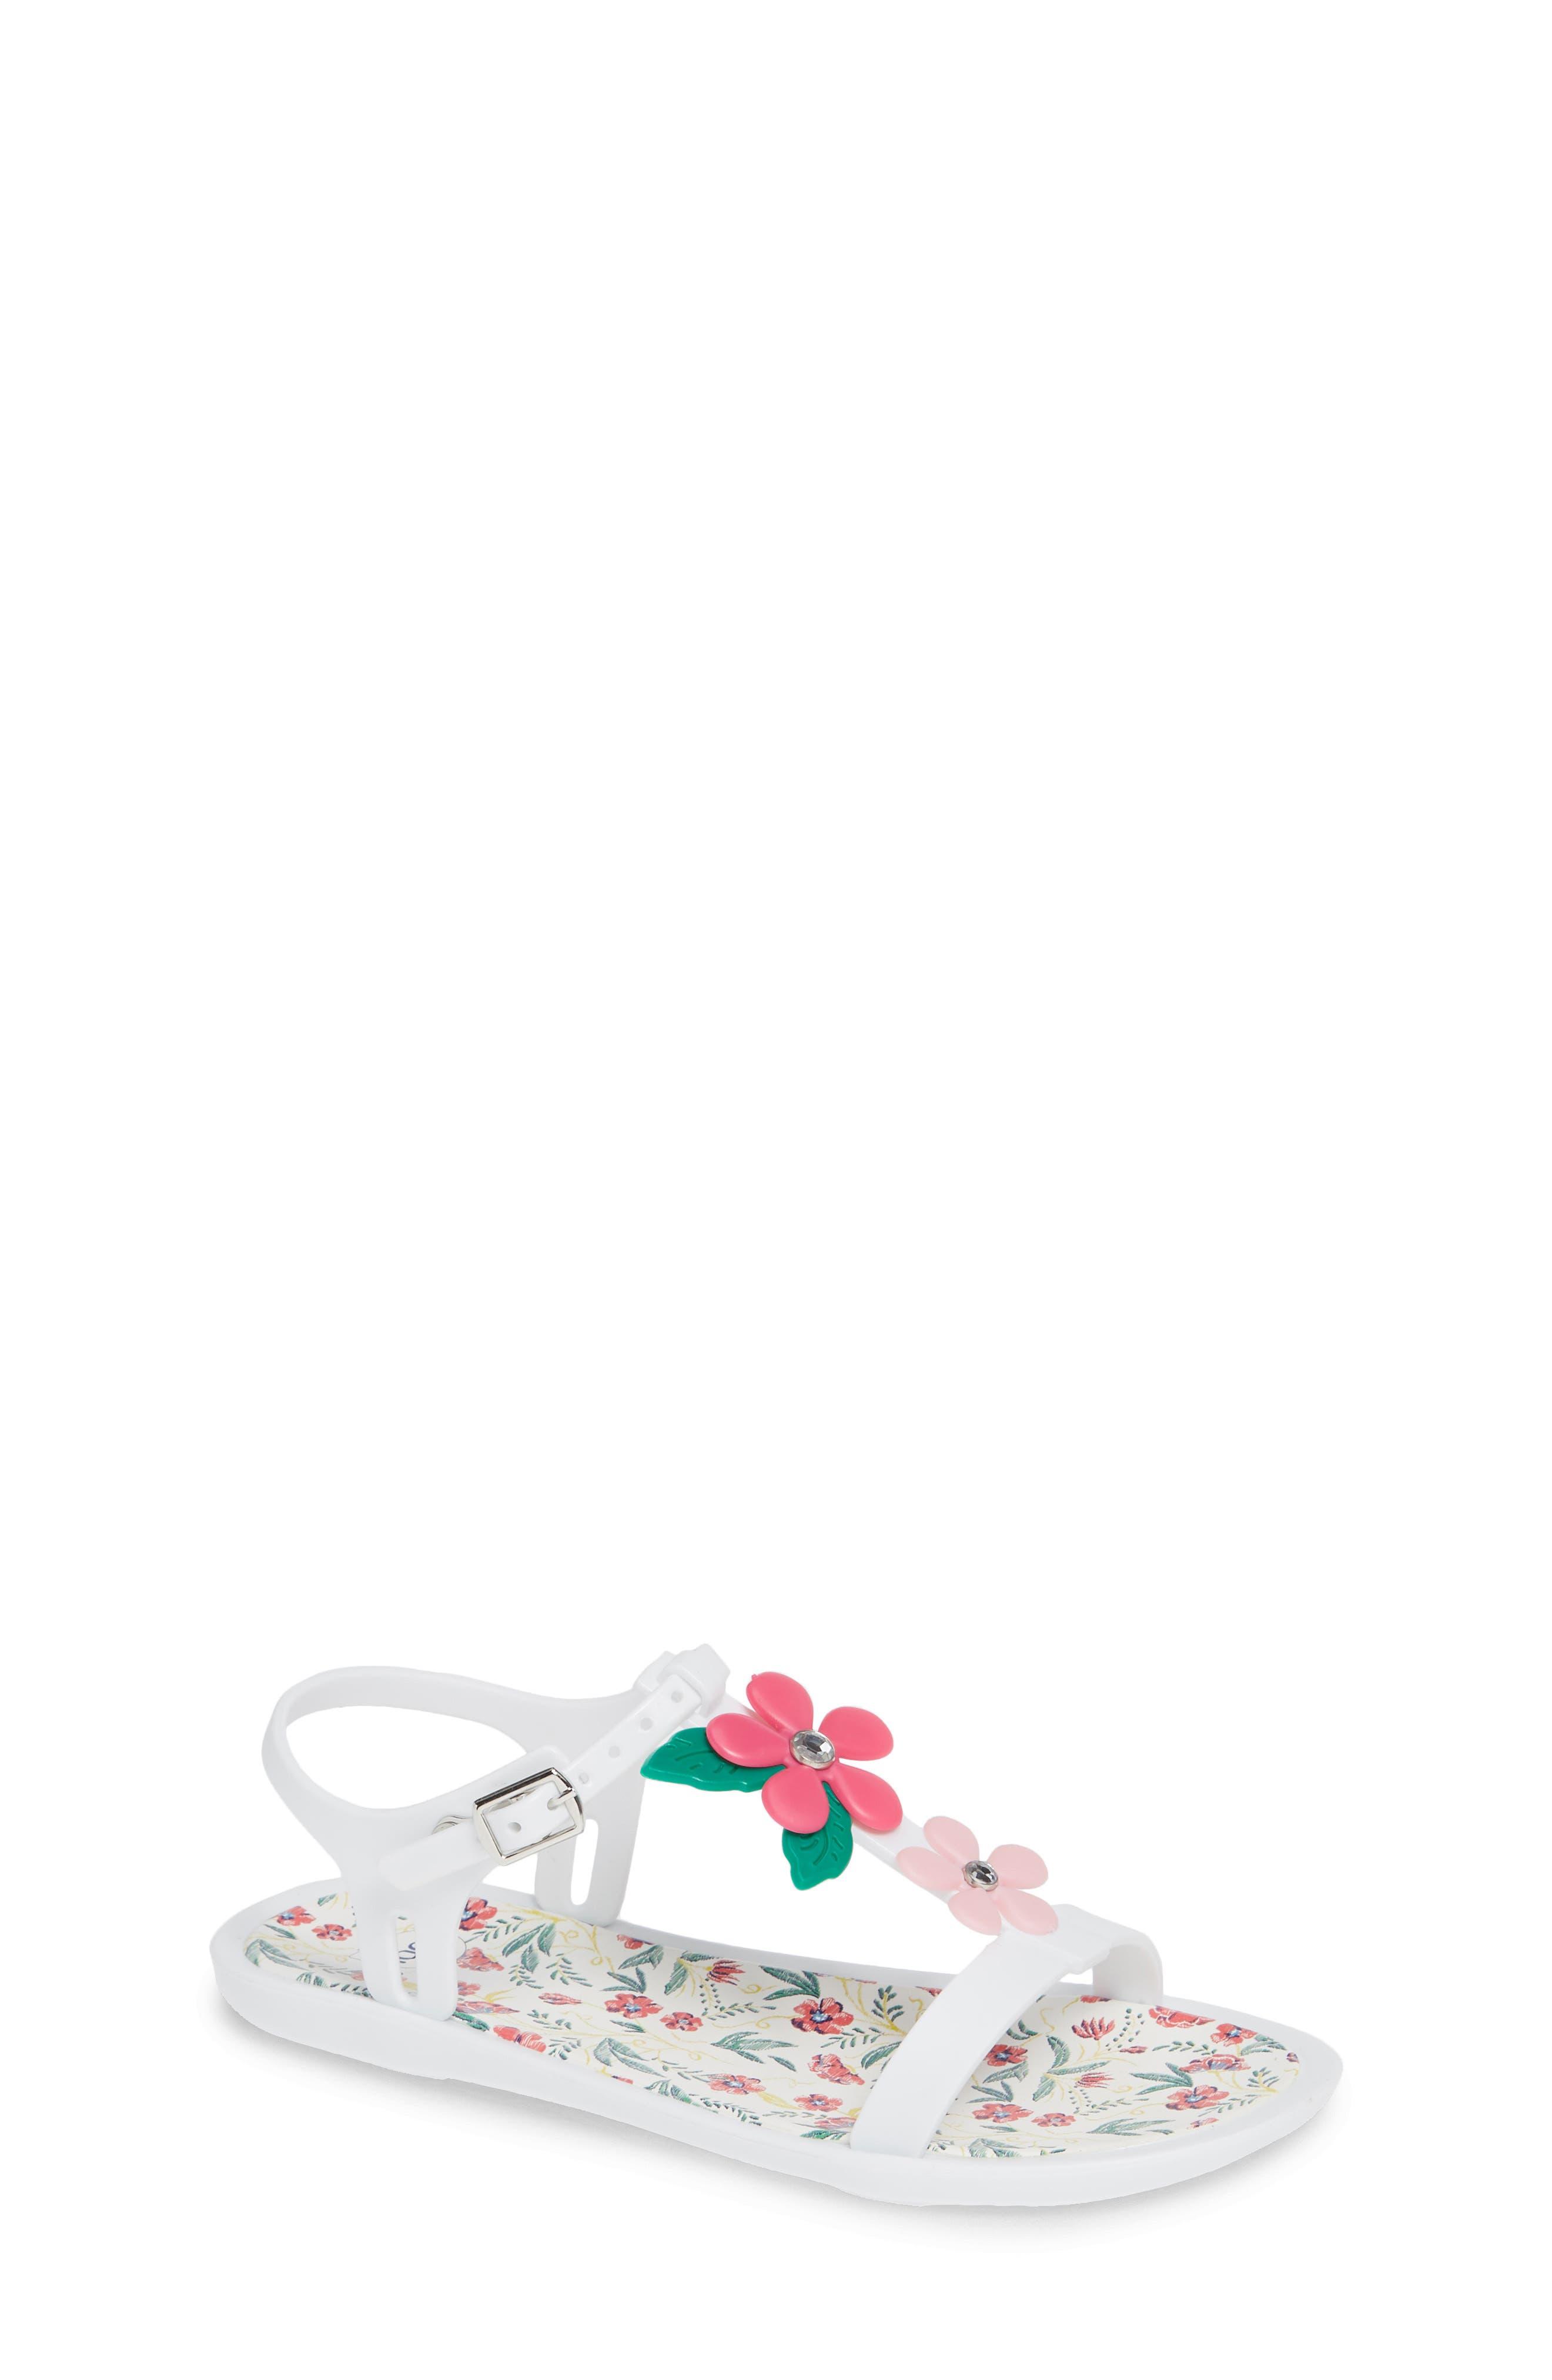 Tricia Floral T-Strap Sandal,                             Main thumbnail 1, color,                             100